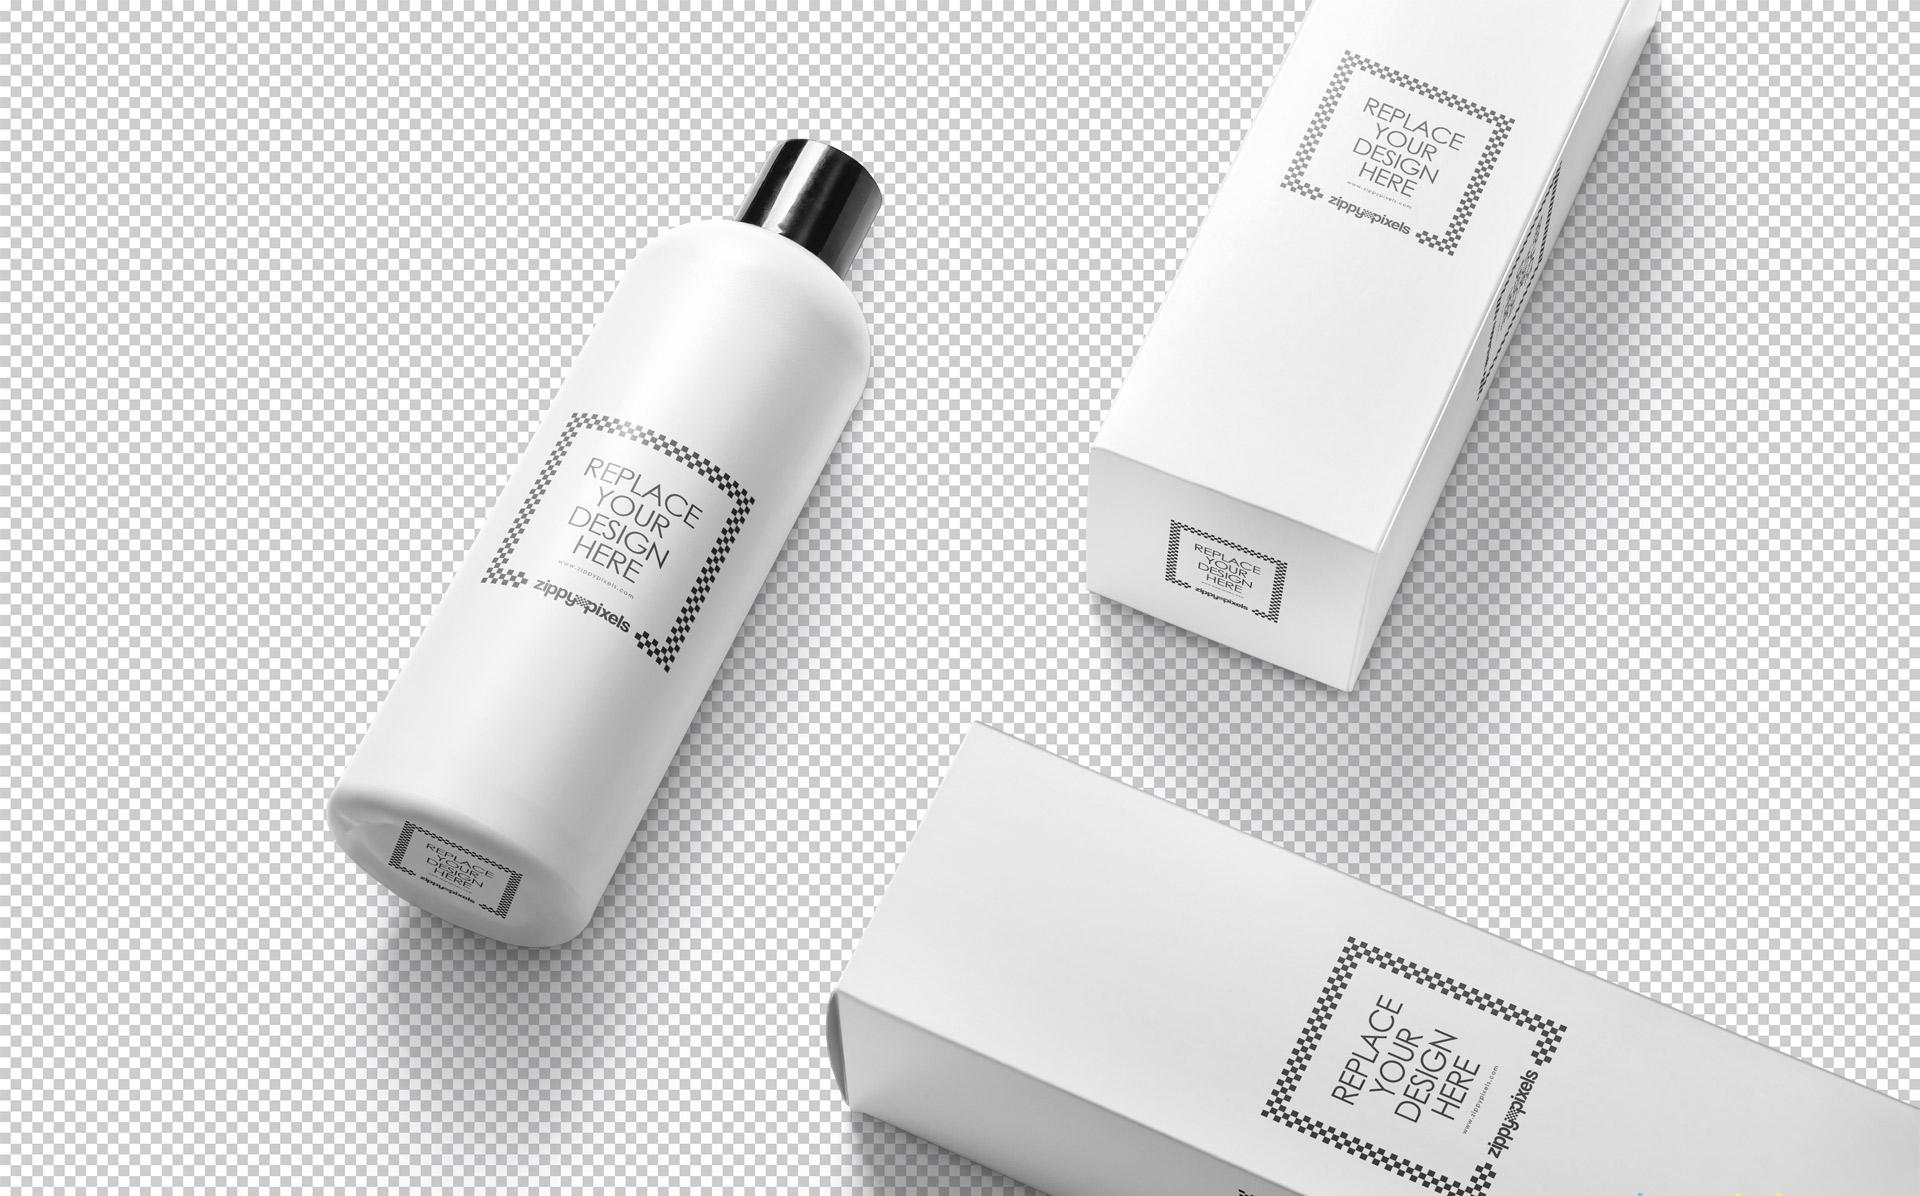 洗化用品场景包装样机及展示效果  化妆品素材274-vertical-bottle-mockup-free